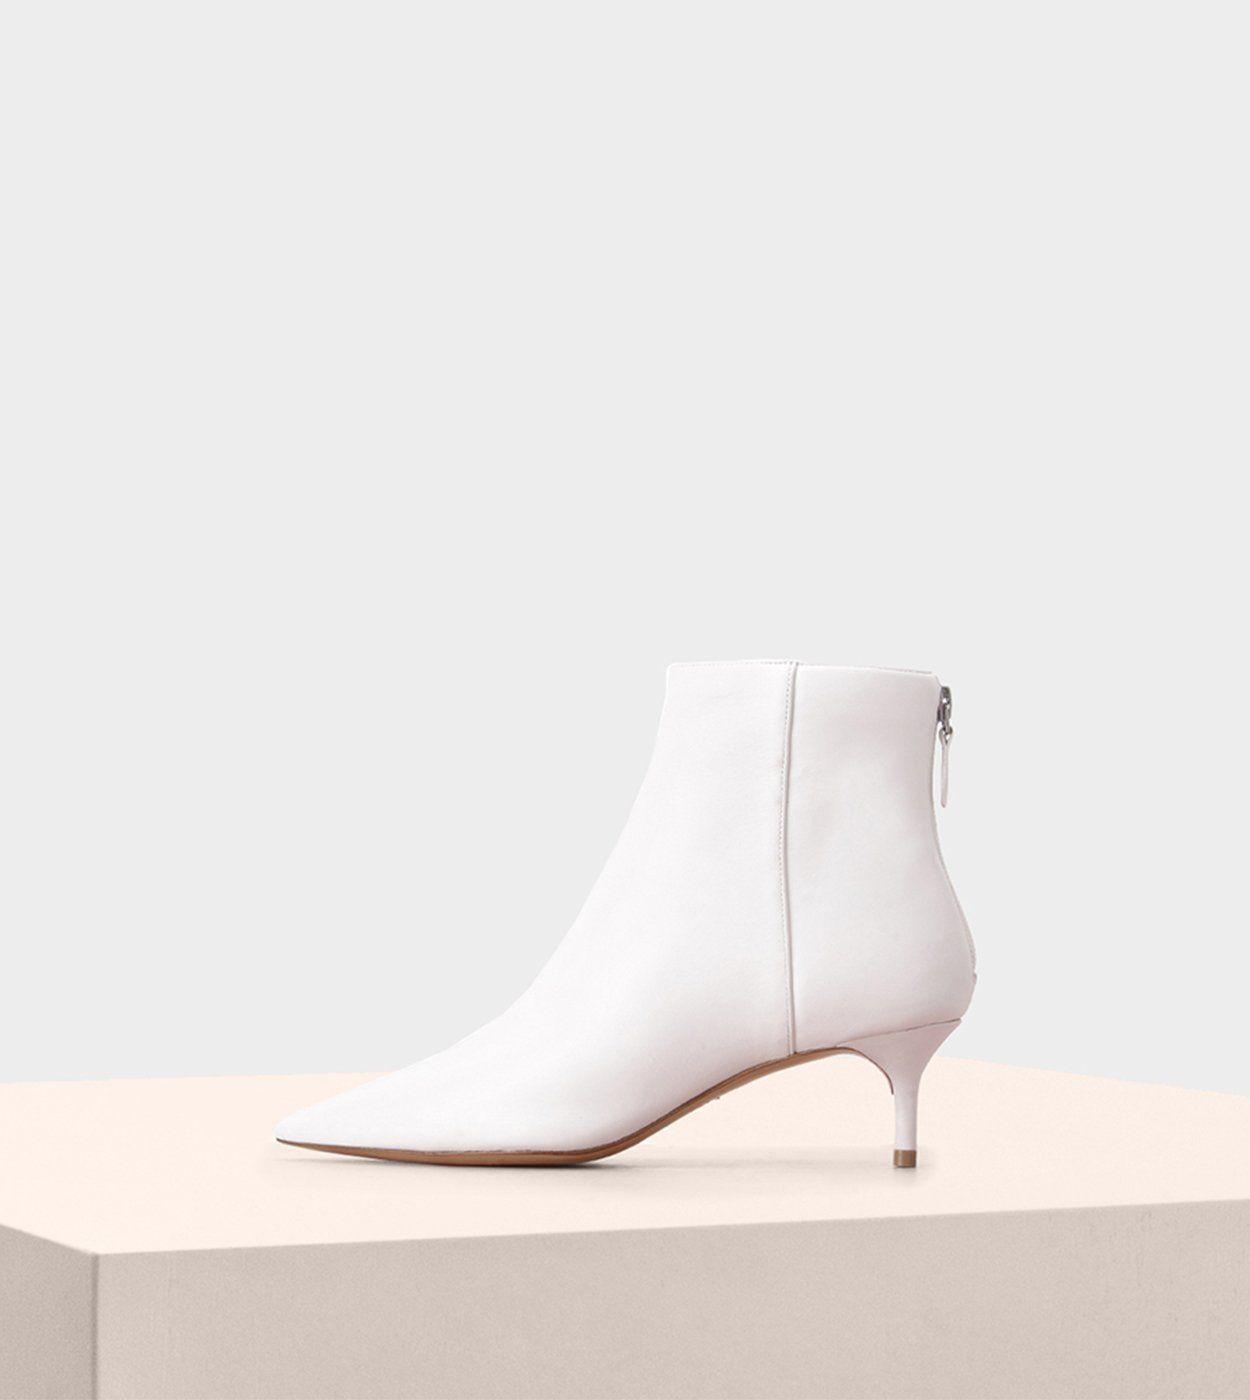 Alexandre Birman White Kitten Heel Boot Kitten Heel Boots Bridal Boots Peep Toe Bootie